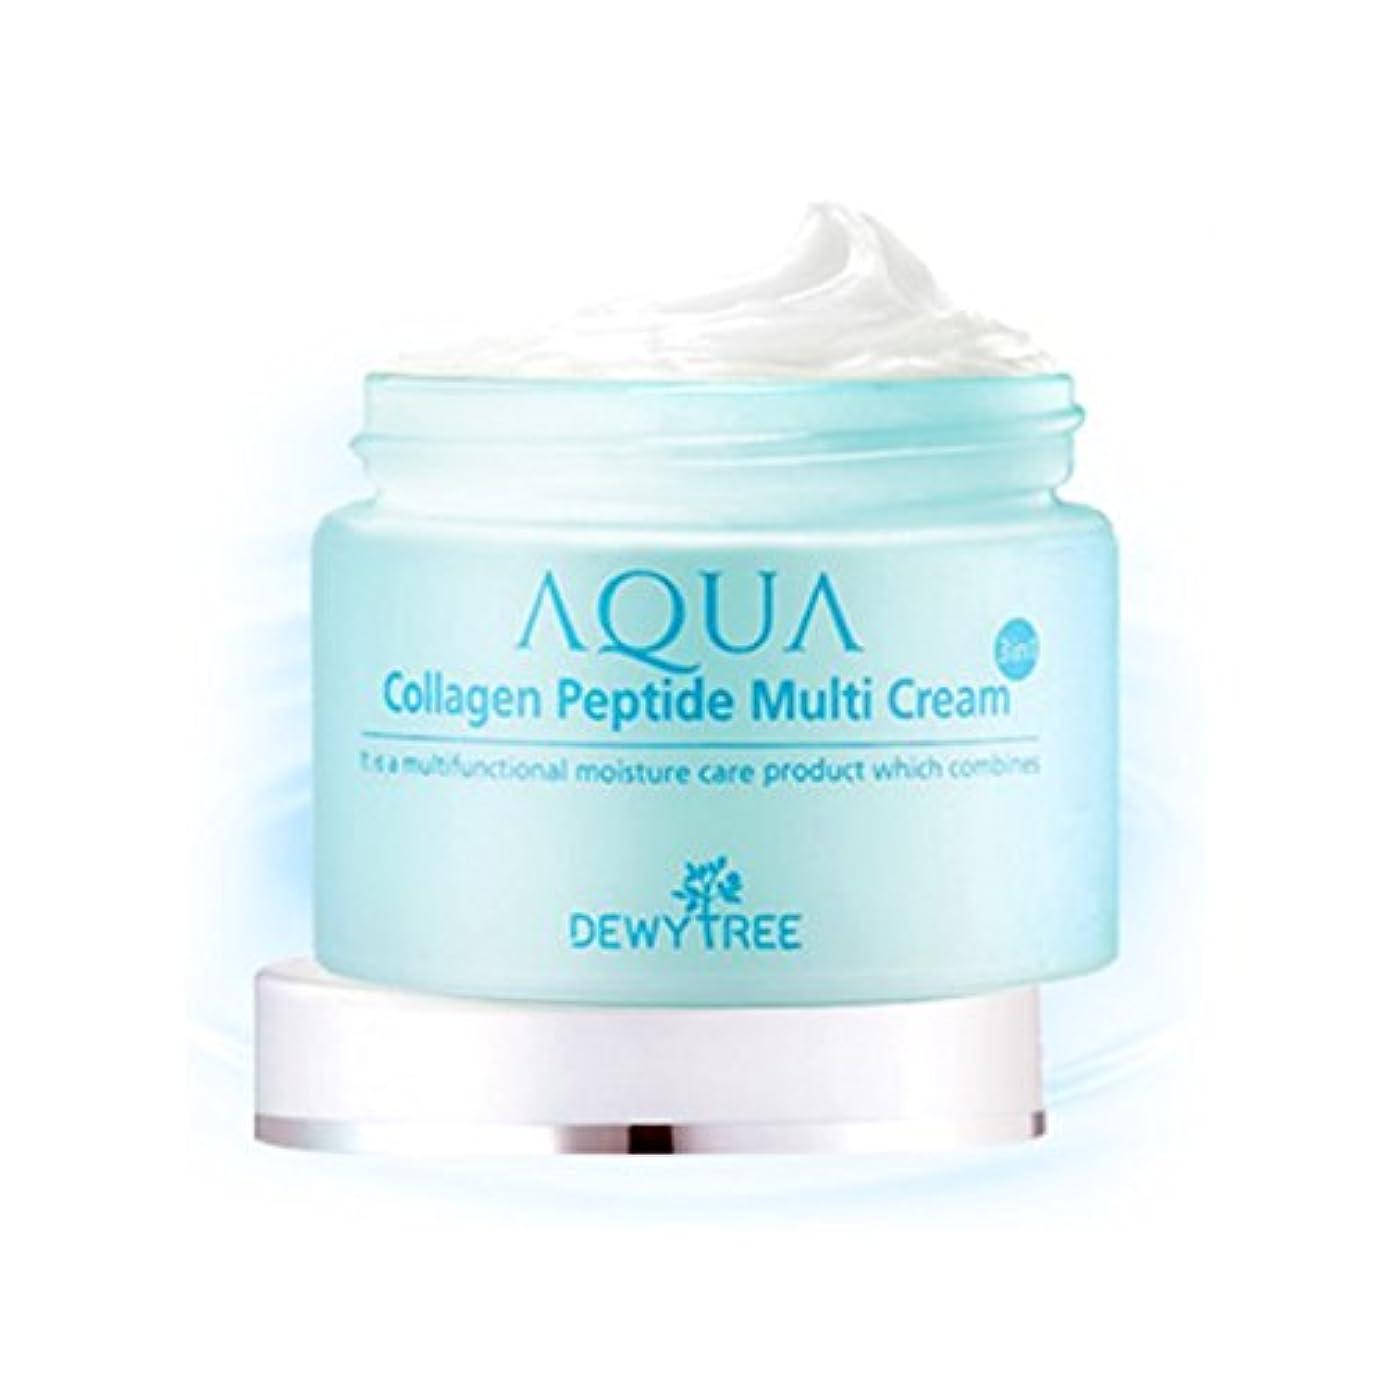 熟練した計り知れないそして[Dewytree] デュイトゥリー アクアコラーゲン ペプチド マルチクリーム Aqua Collagen Peptide Multi Cream (50ml) / [並行輸入品]